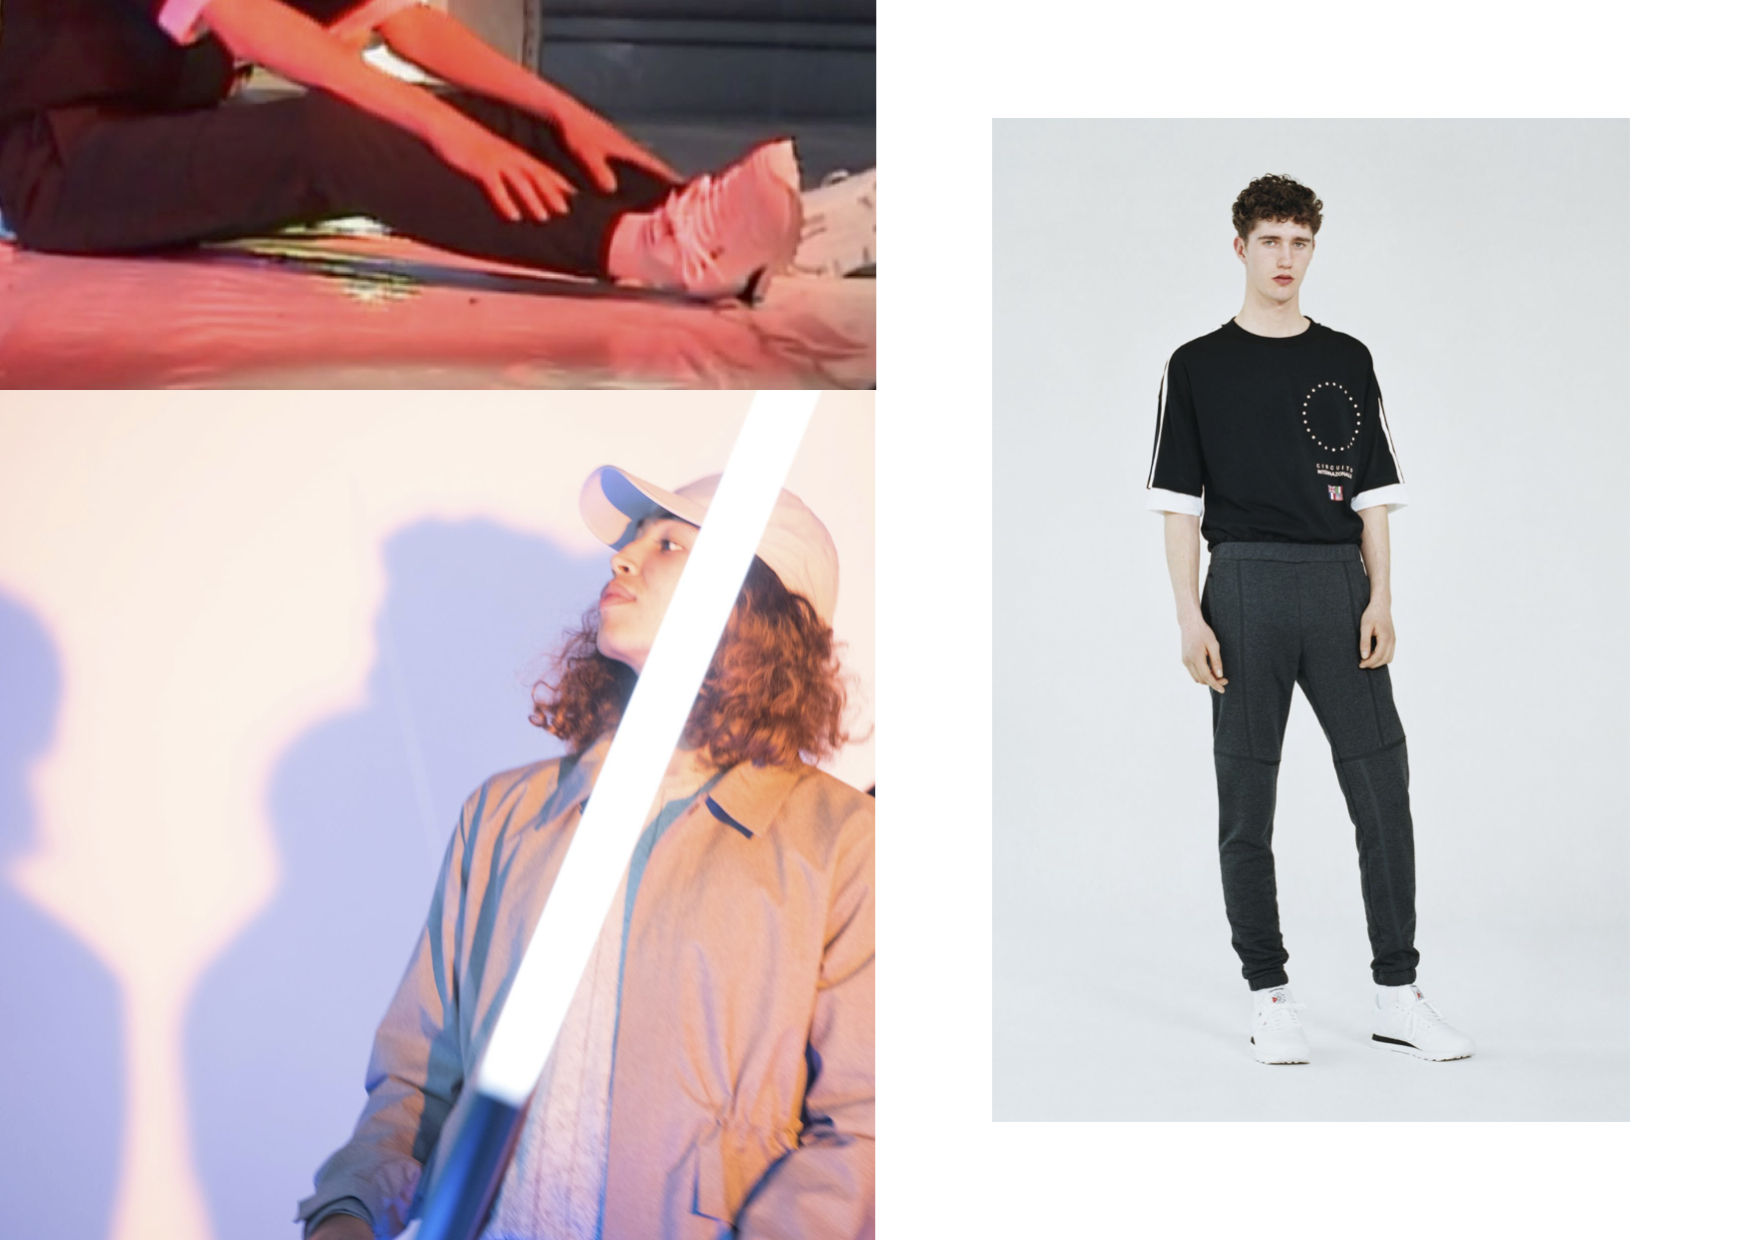 ASOS Menswear Autumn/Winter 2015 Lookbook